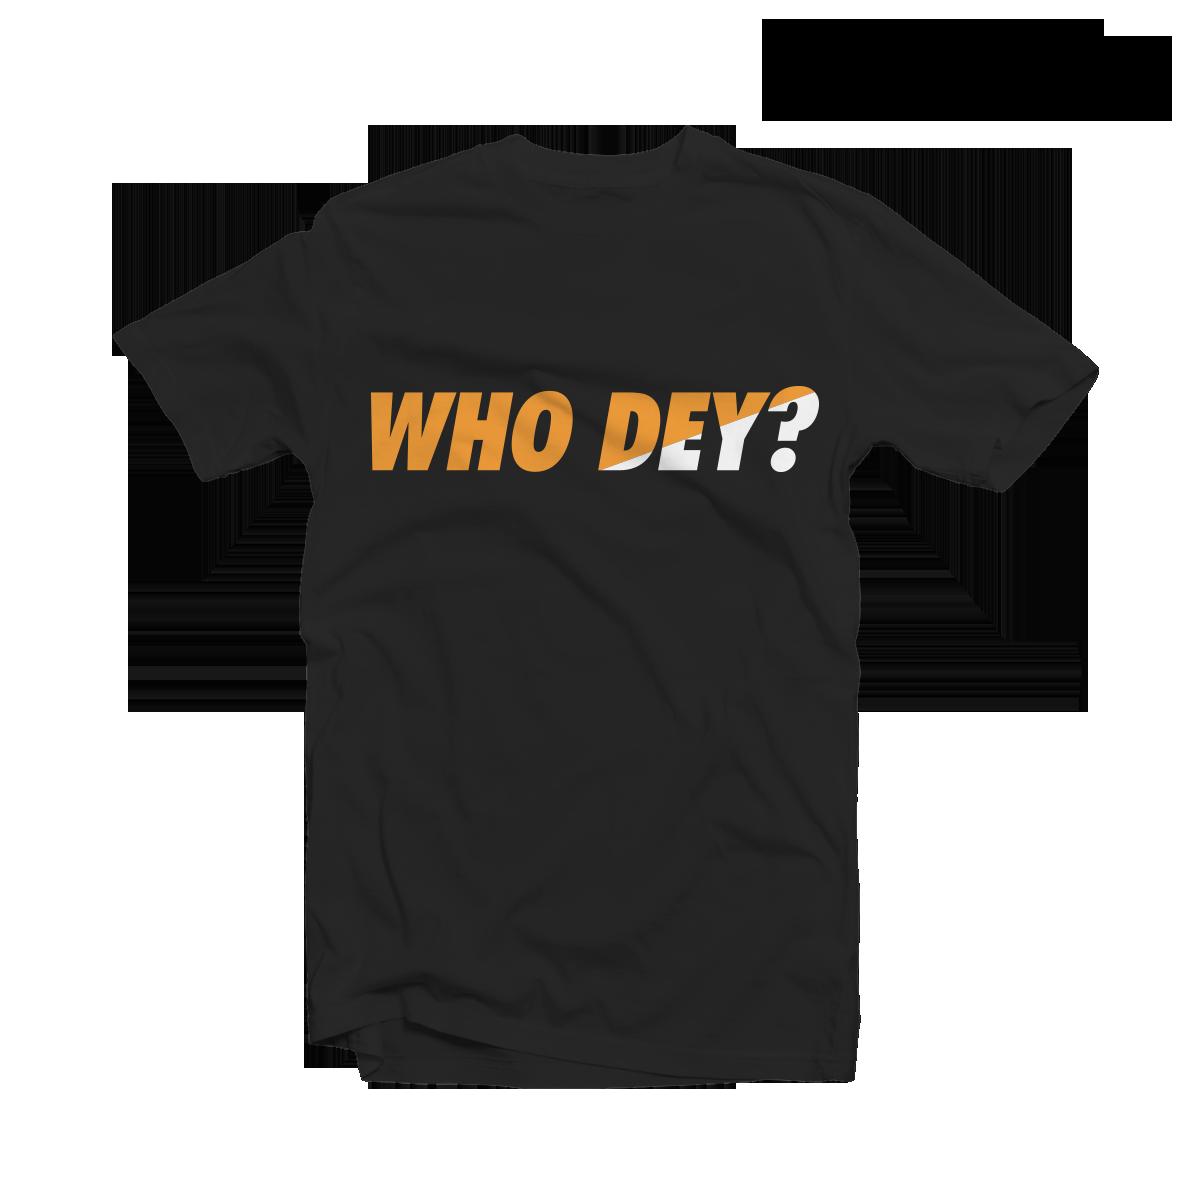 43d84421e9a BACK TO Bengals T Shirts, Cincinnati Bengals Apparel